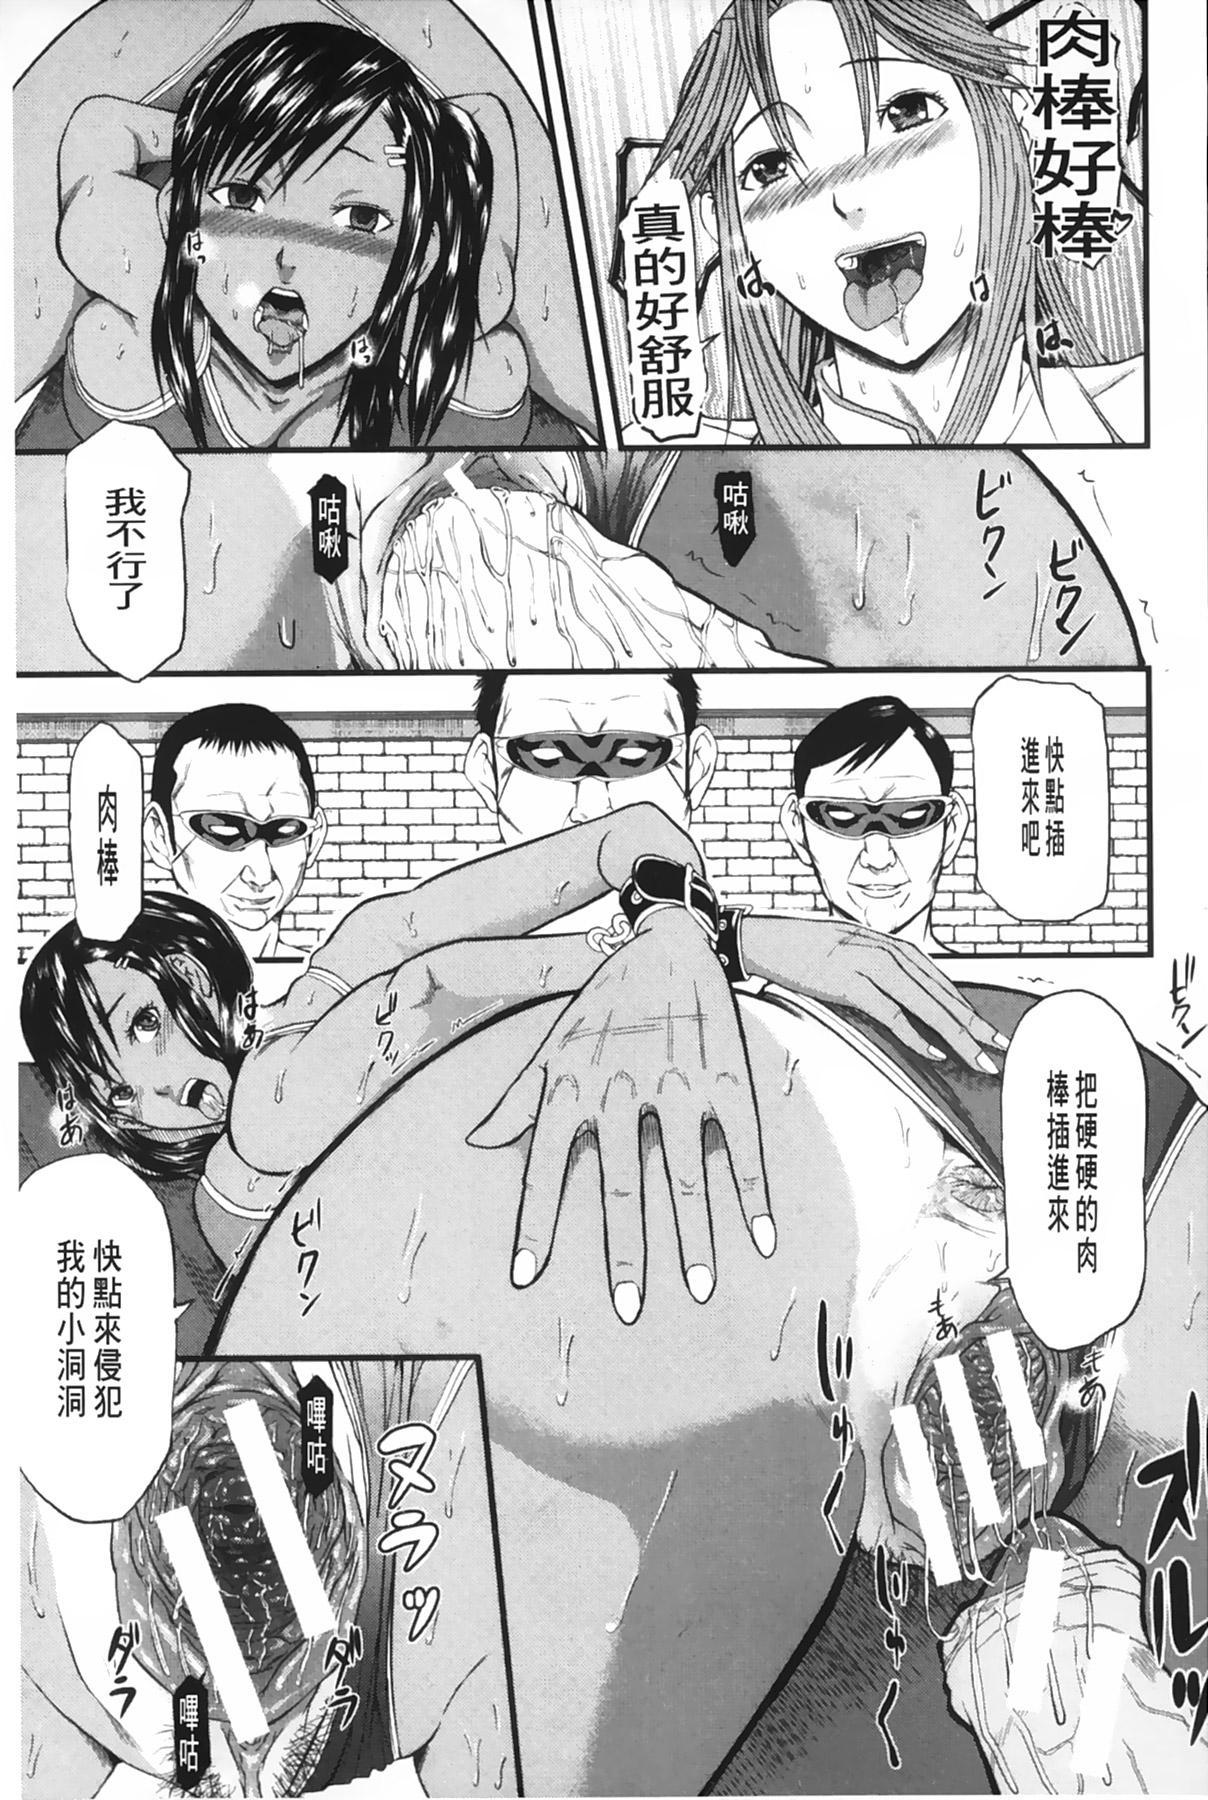 [Honebuto Danshaku] Onna Jigoku Niku no Tsubo~Hentai Rui Inran Ka Mesu Buta Ichidaiki~ | 女地獄、肉之壺 ~変態類淫乱科淫母豬一代記~ [Chinese] 185